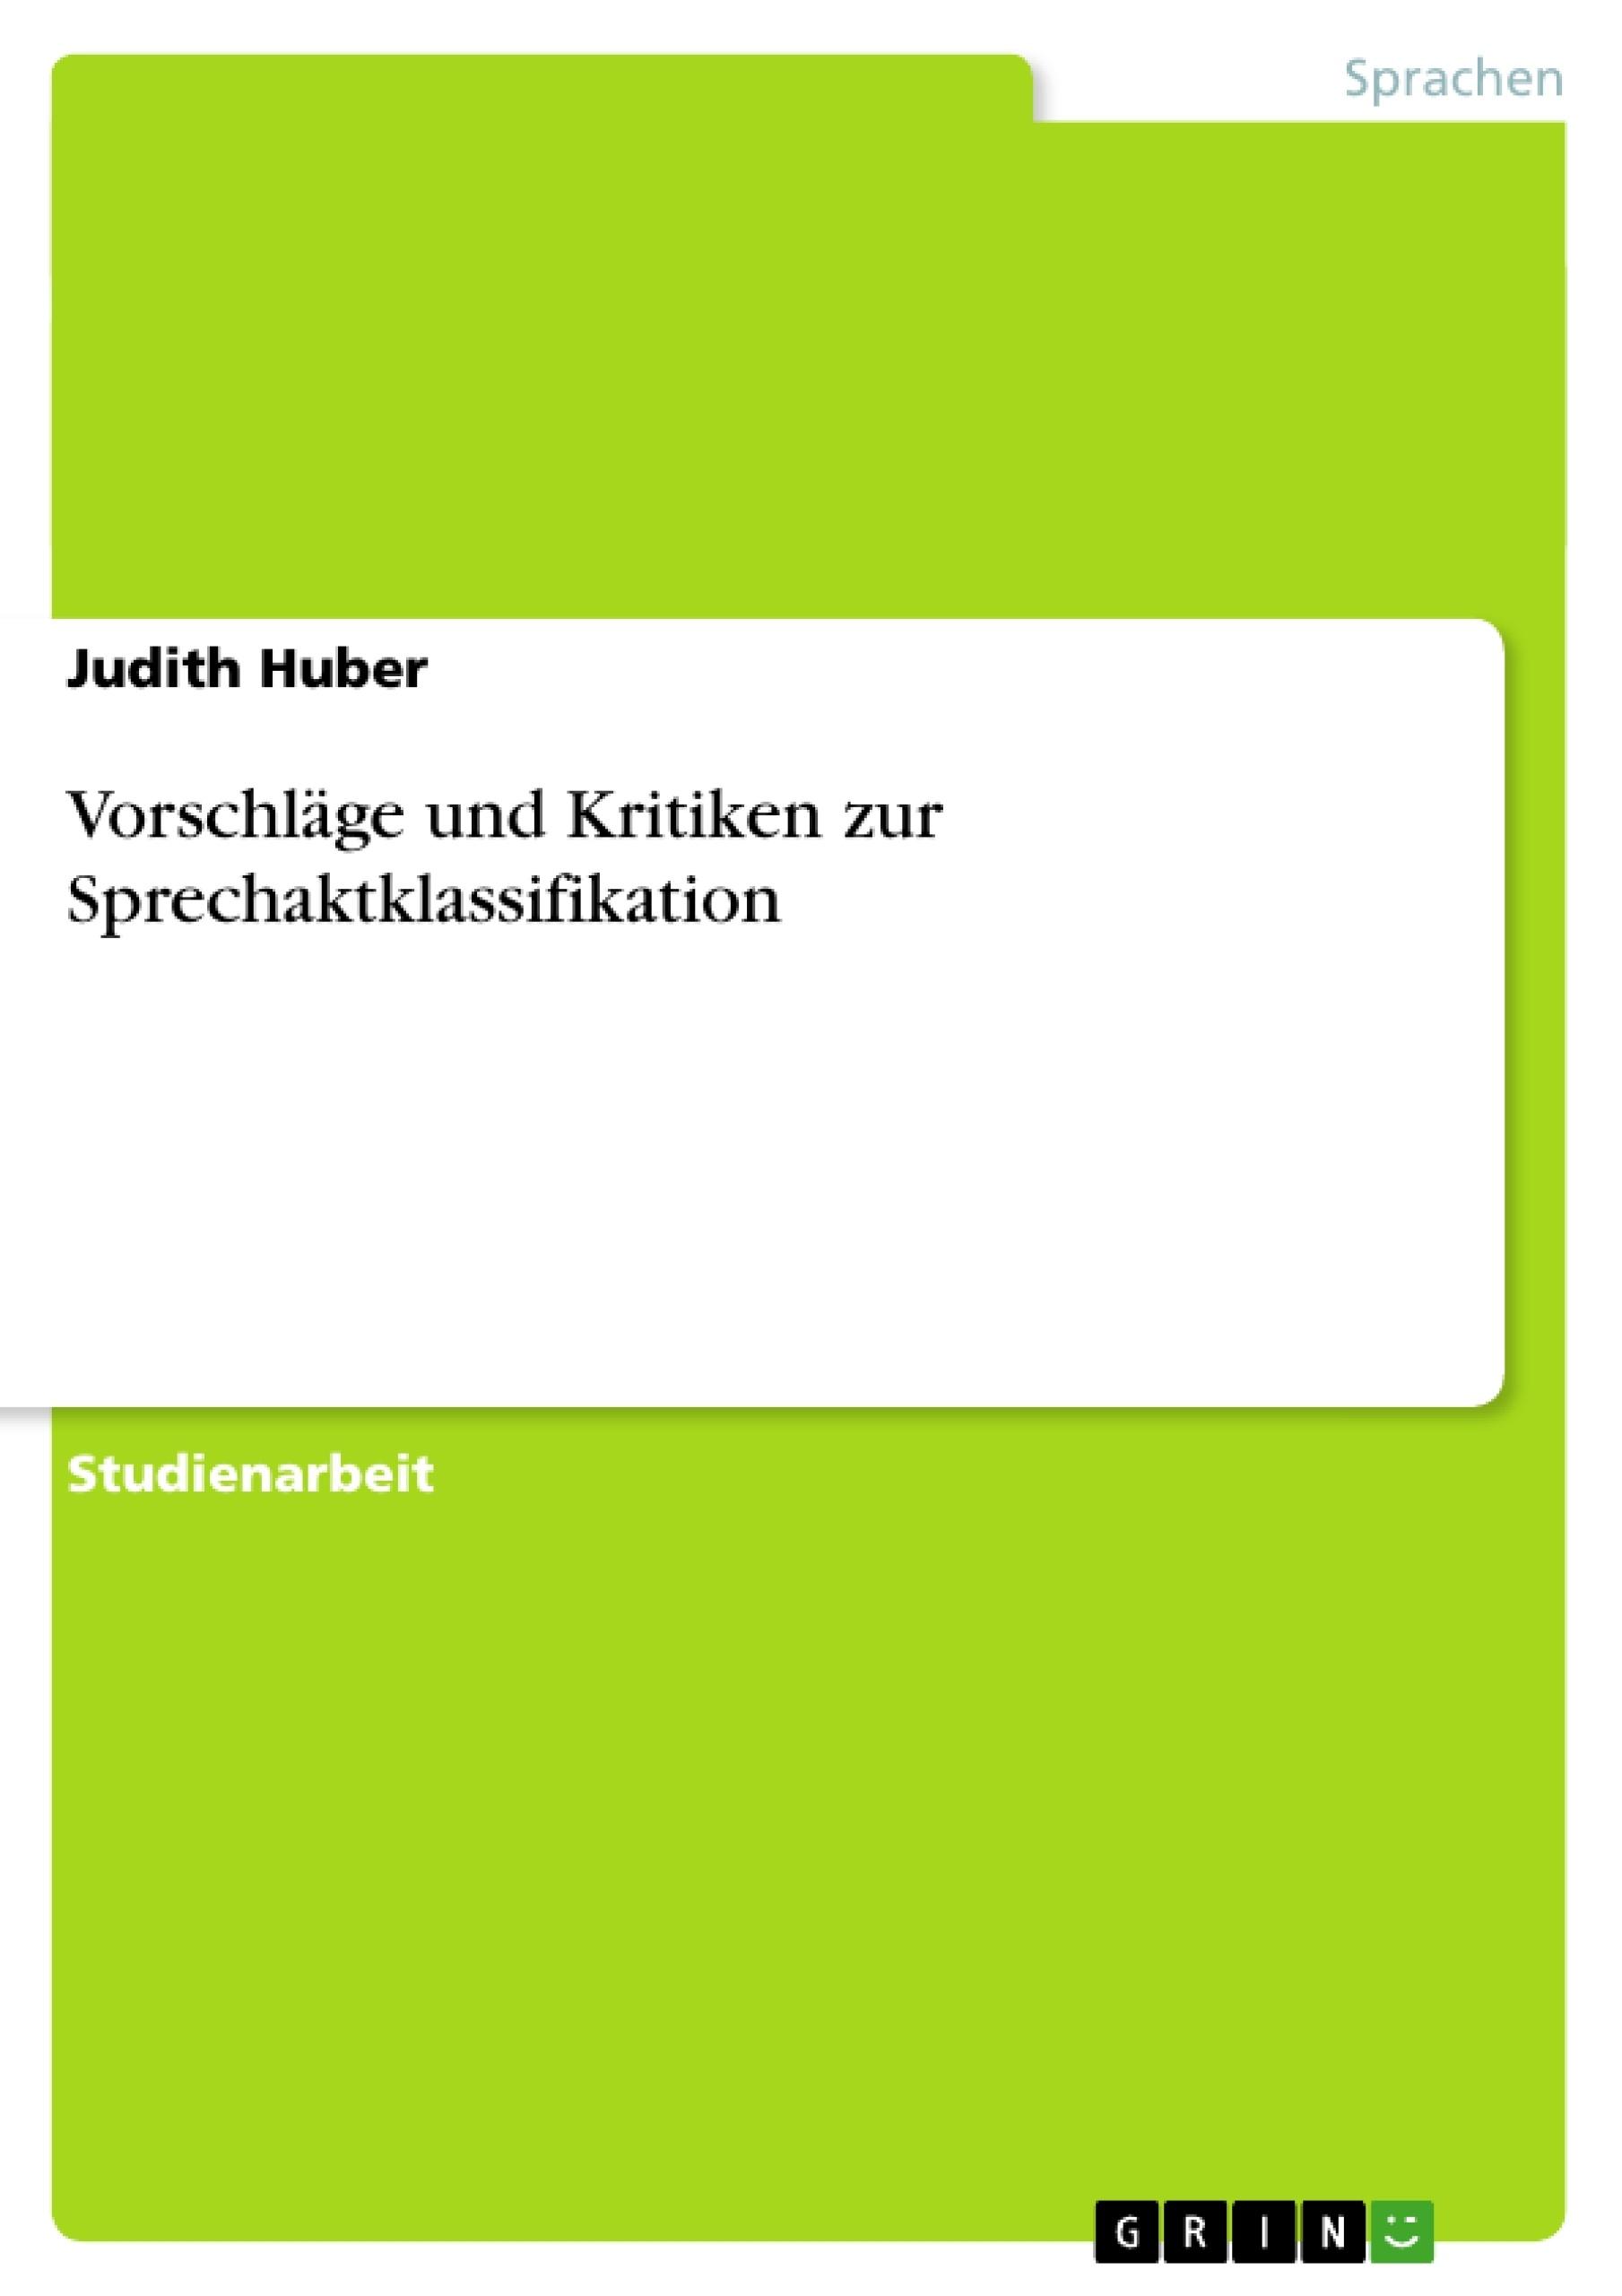 Titel: Vorschläge und Kritiken zur Sprechaktklassifikation